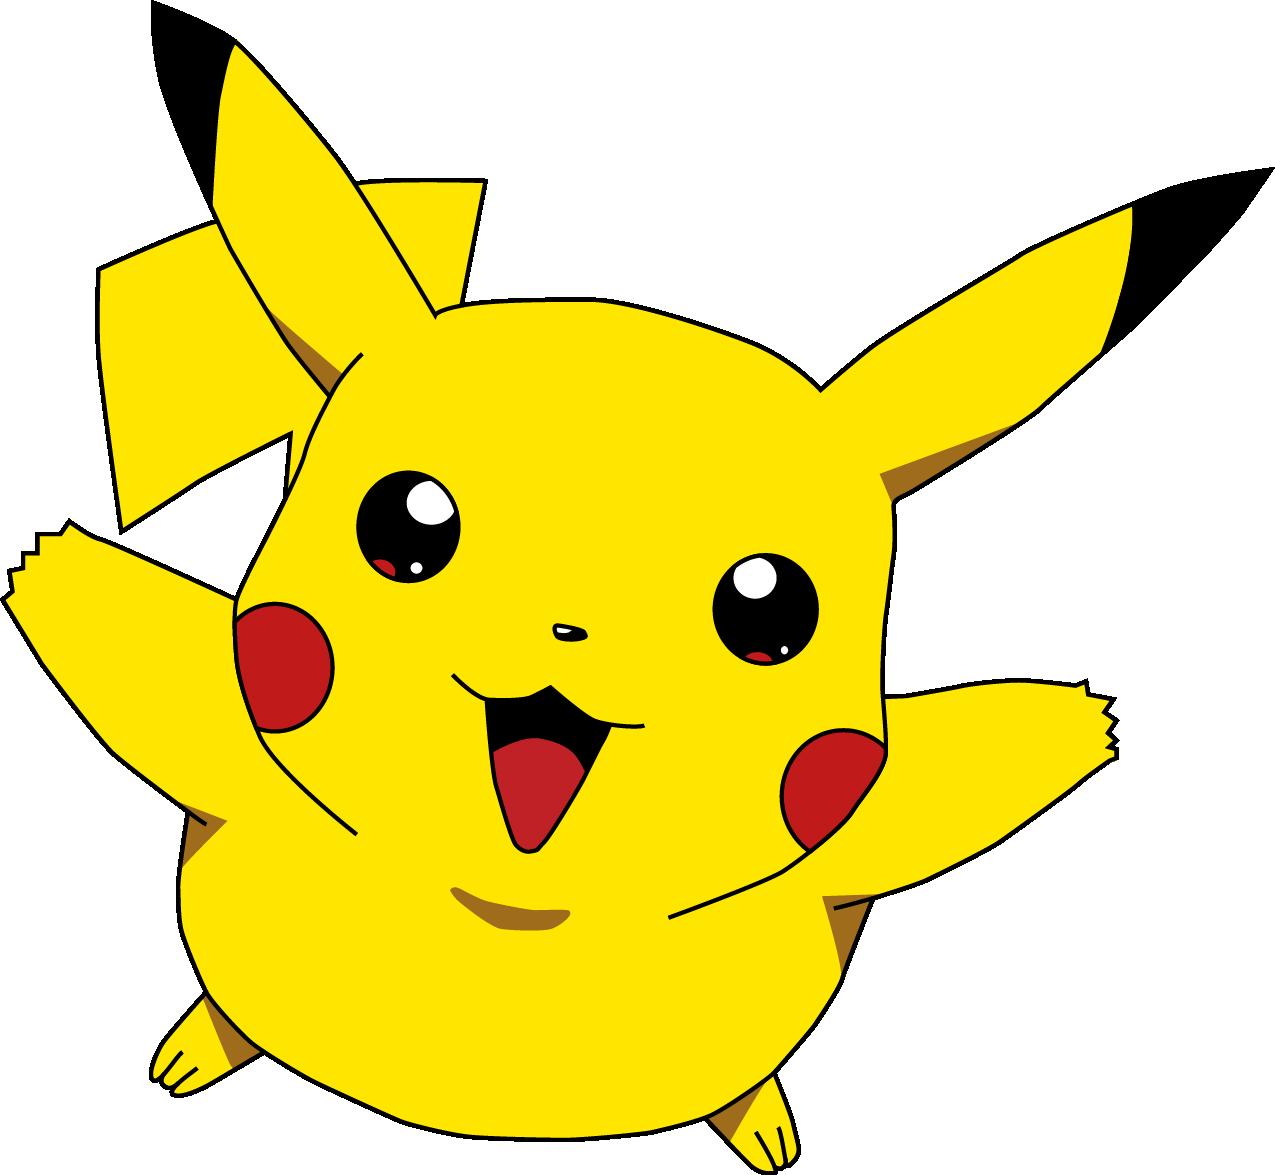 Pokemon images ideas for. Pikachu clipart graduation